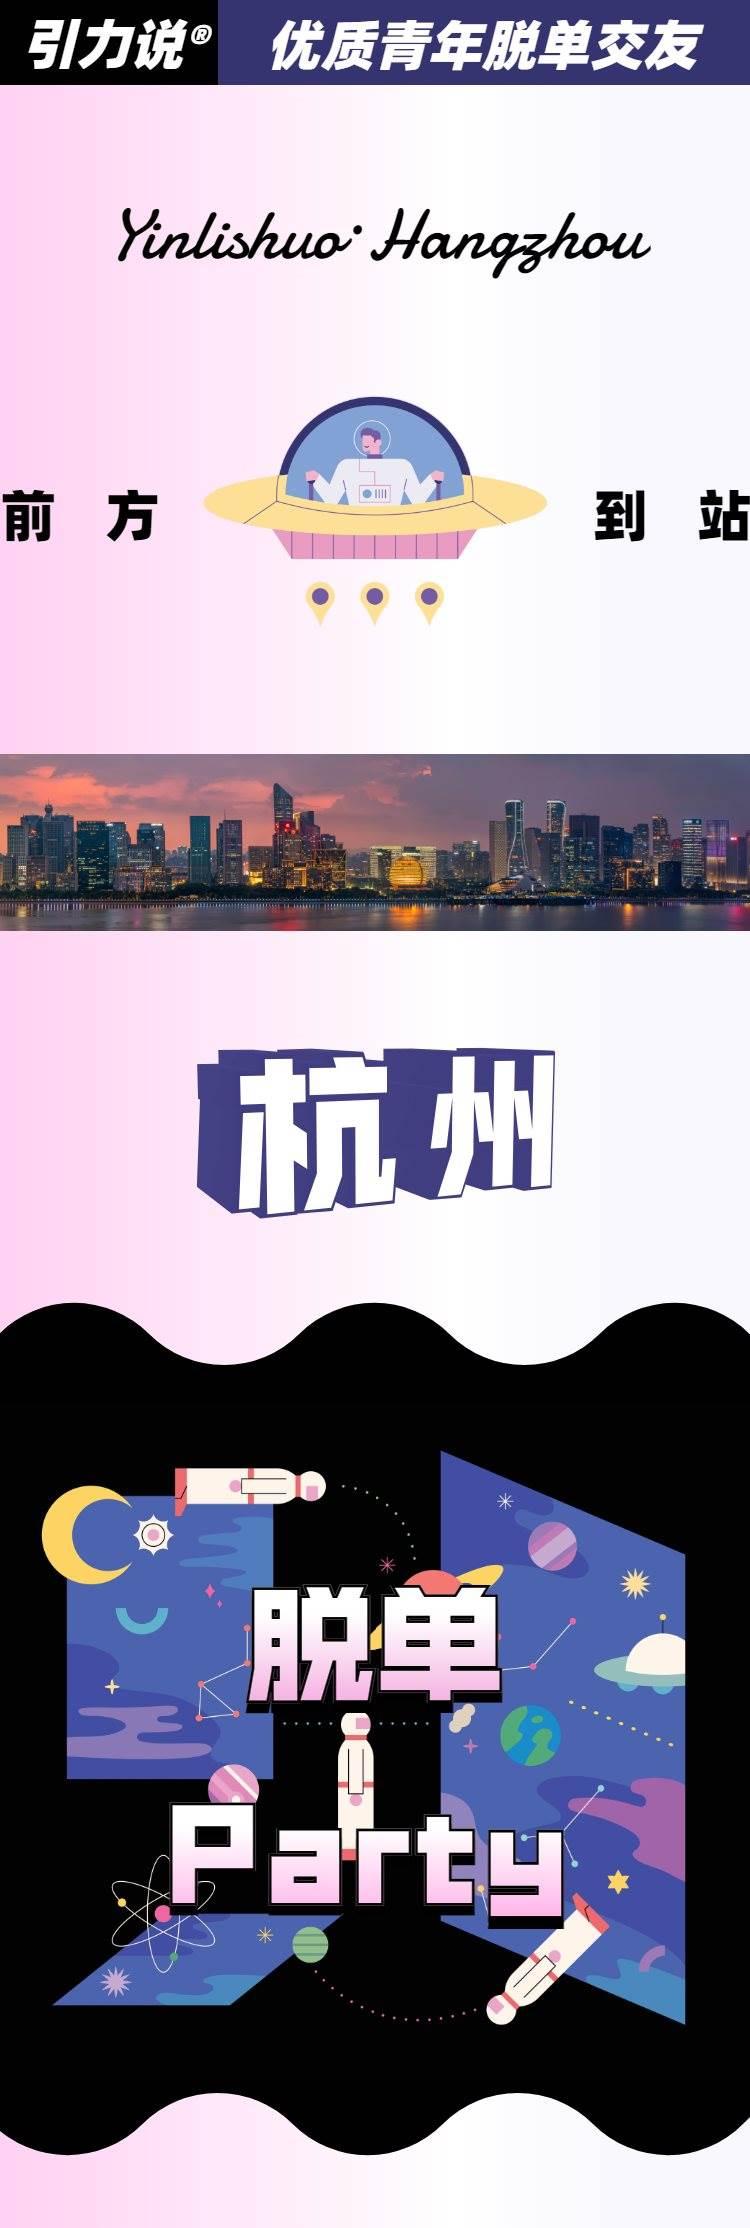 12.19_杭州-1.png